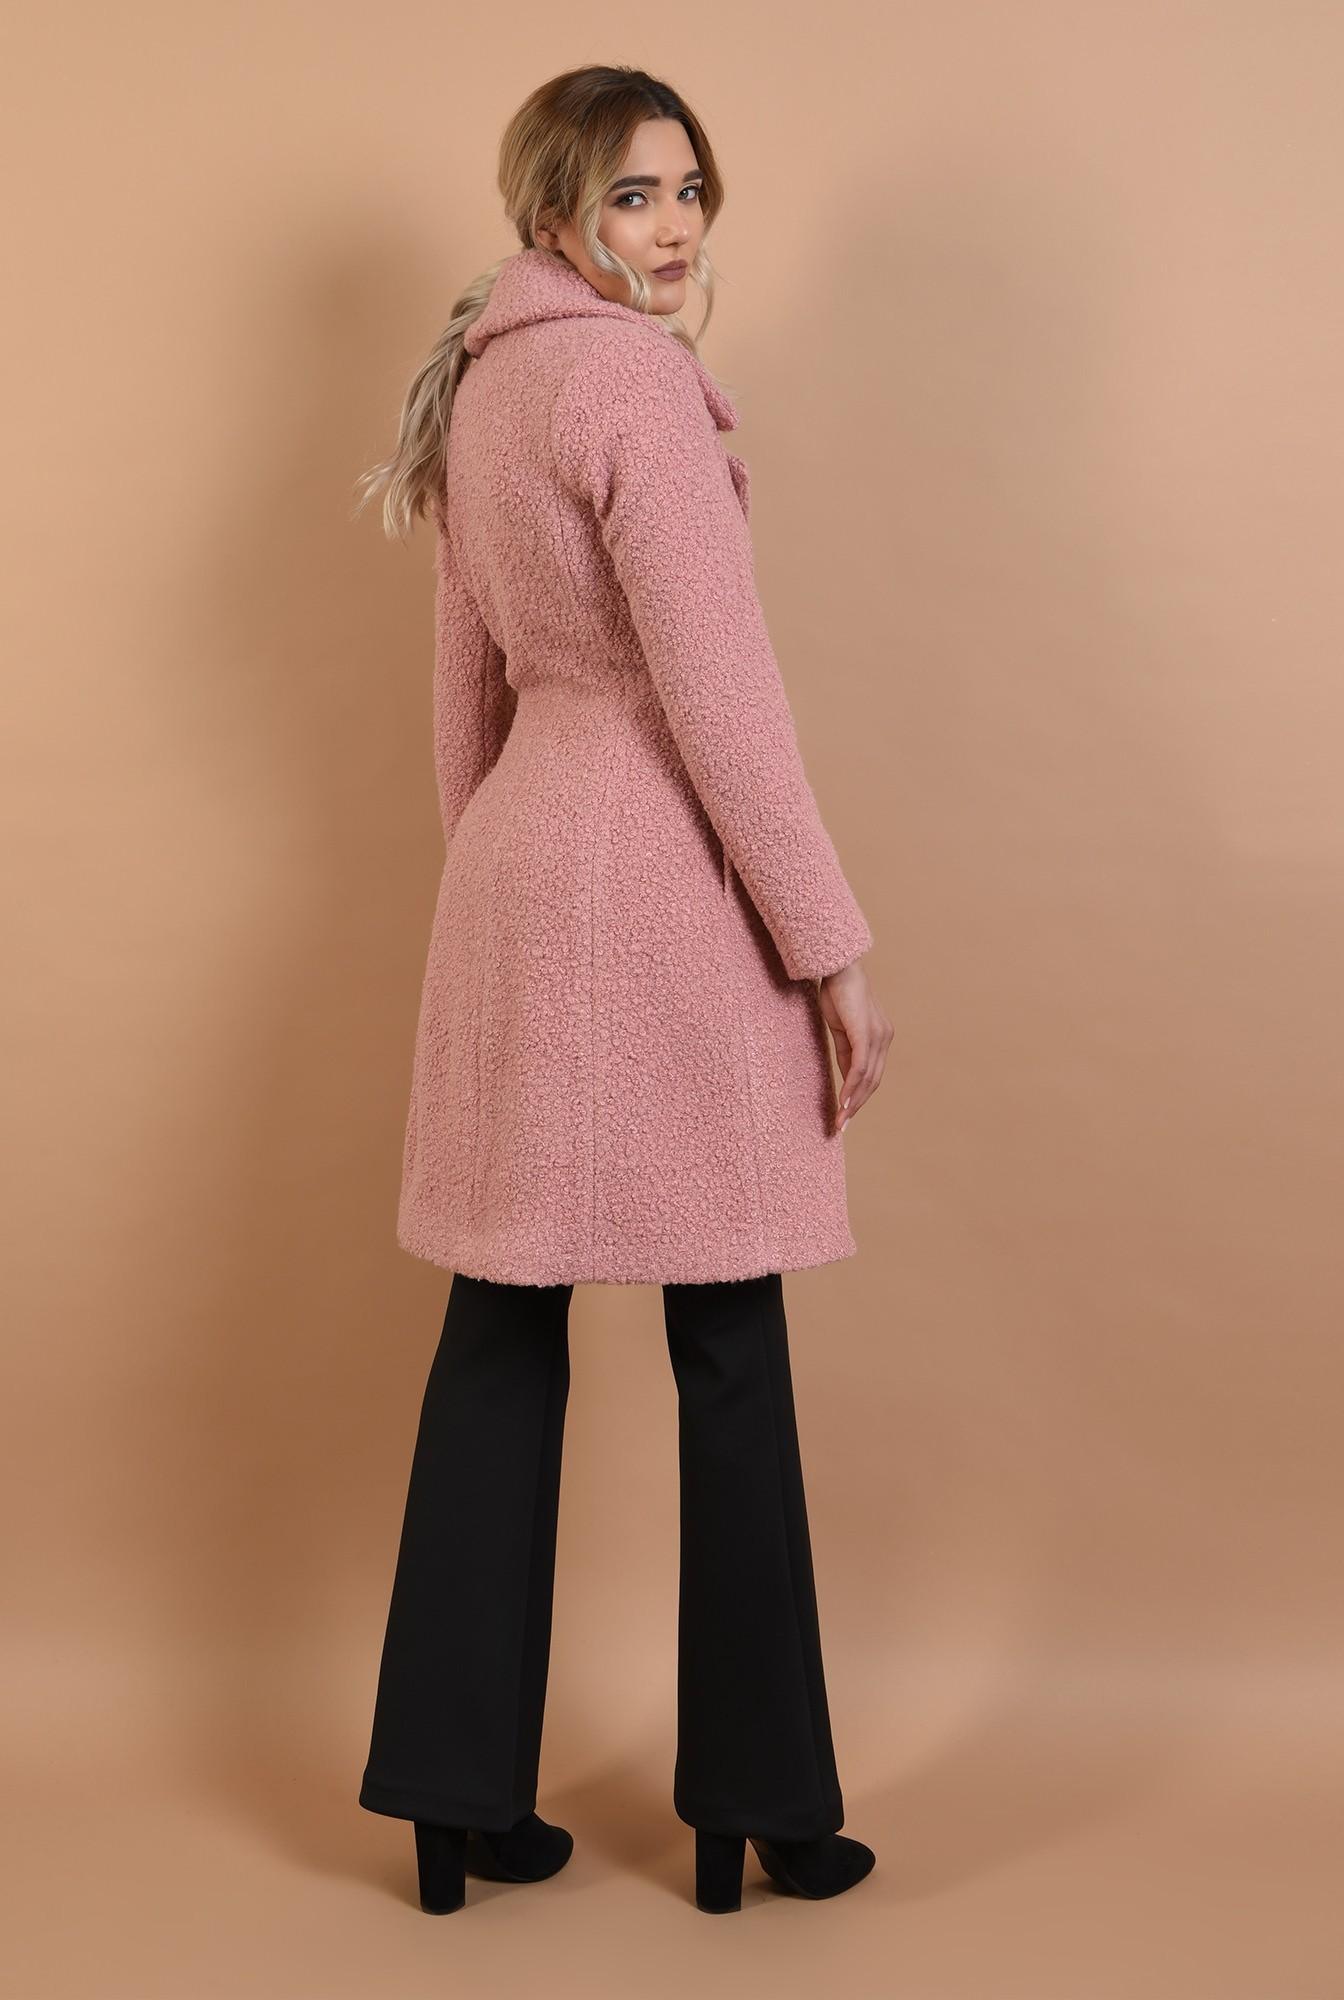 3 - palton roz, midi, cambrat, doua randuri de nasturi, Poema